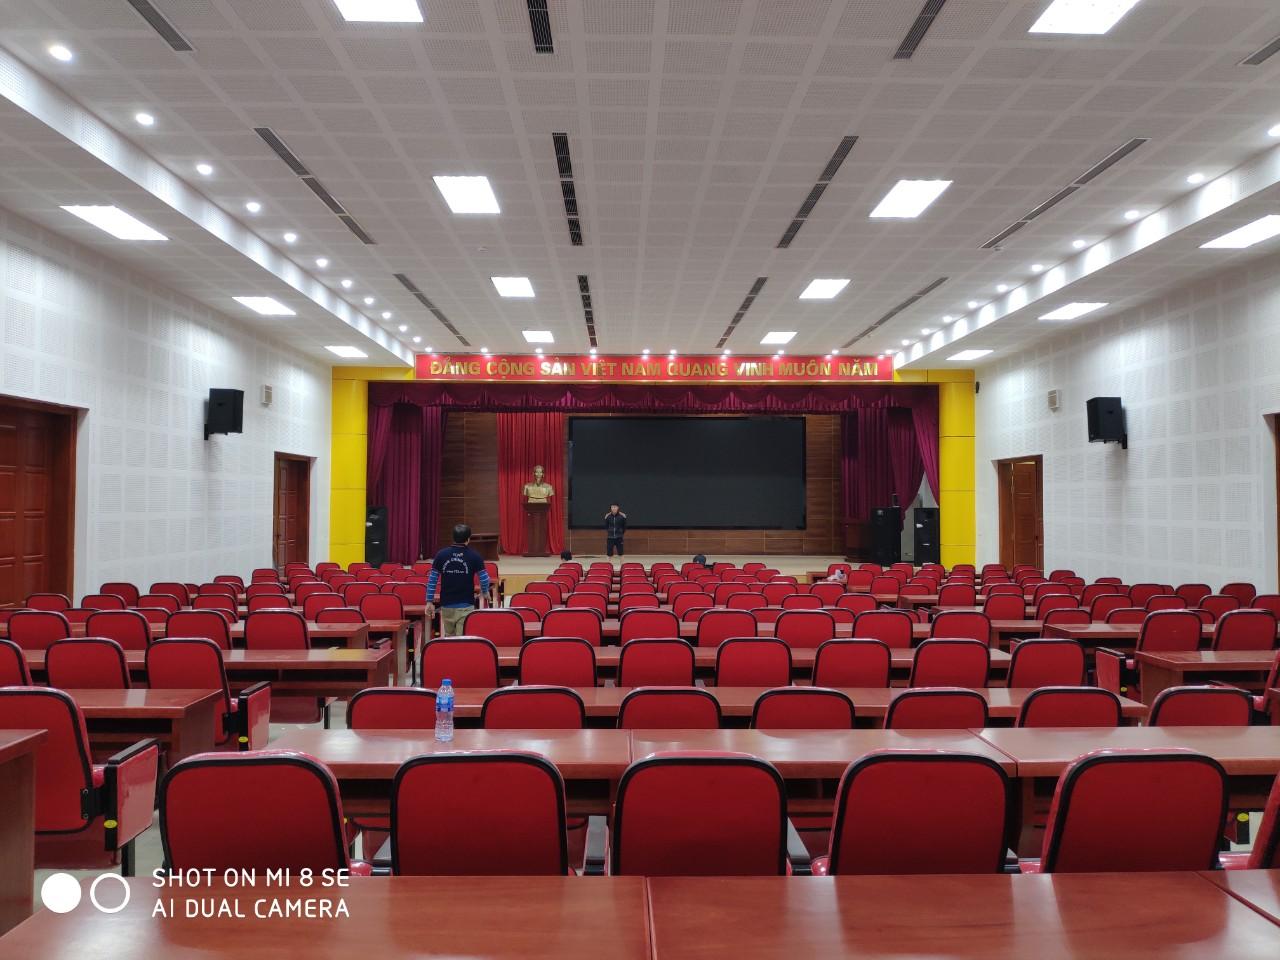 Hướng dẫn setup, lắp đặt hệ thống loa hội trường, phòng họp chuyên nghiệp